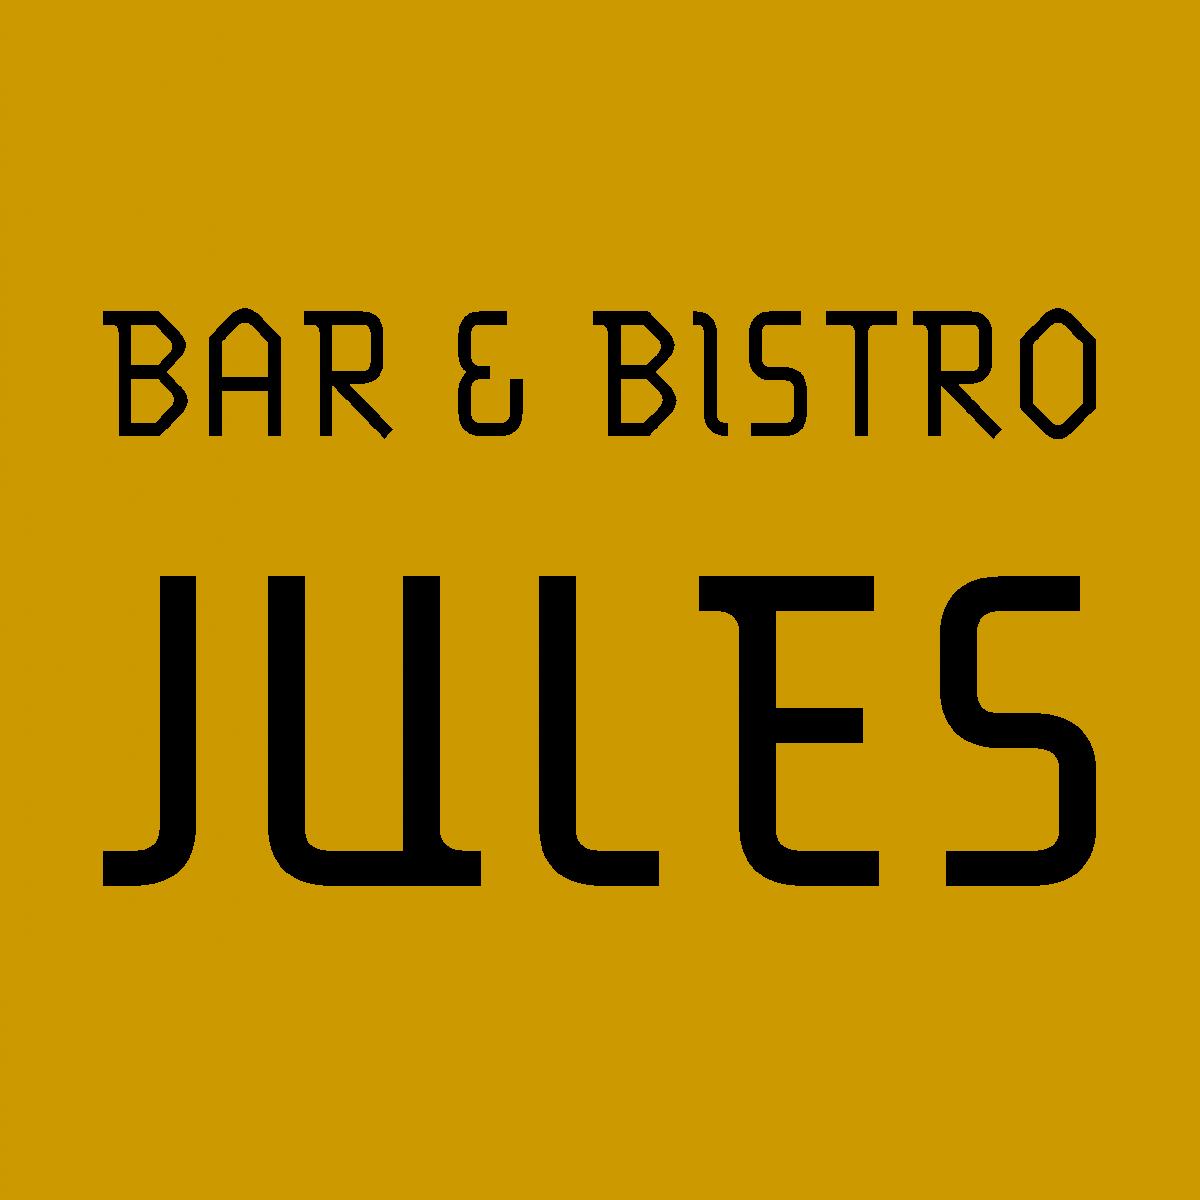 logo_bar_bistro_jules